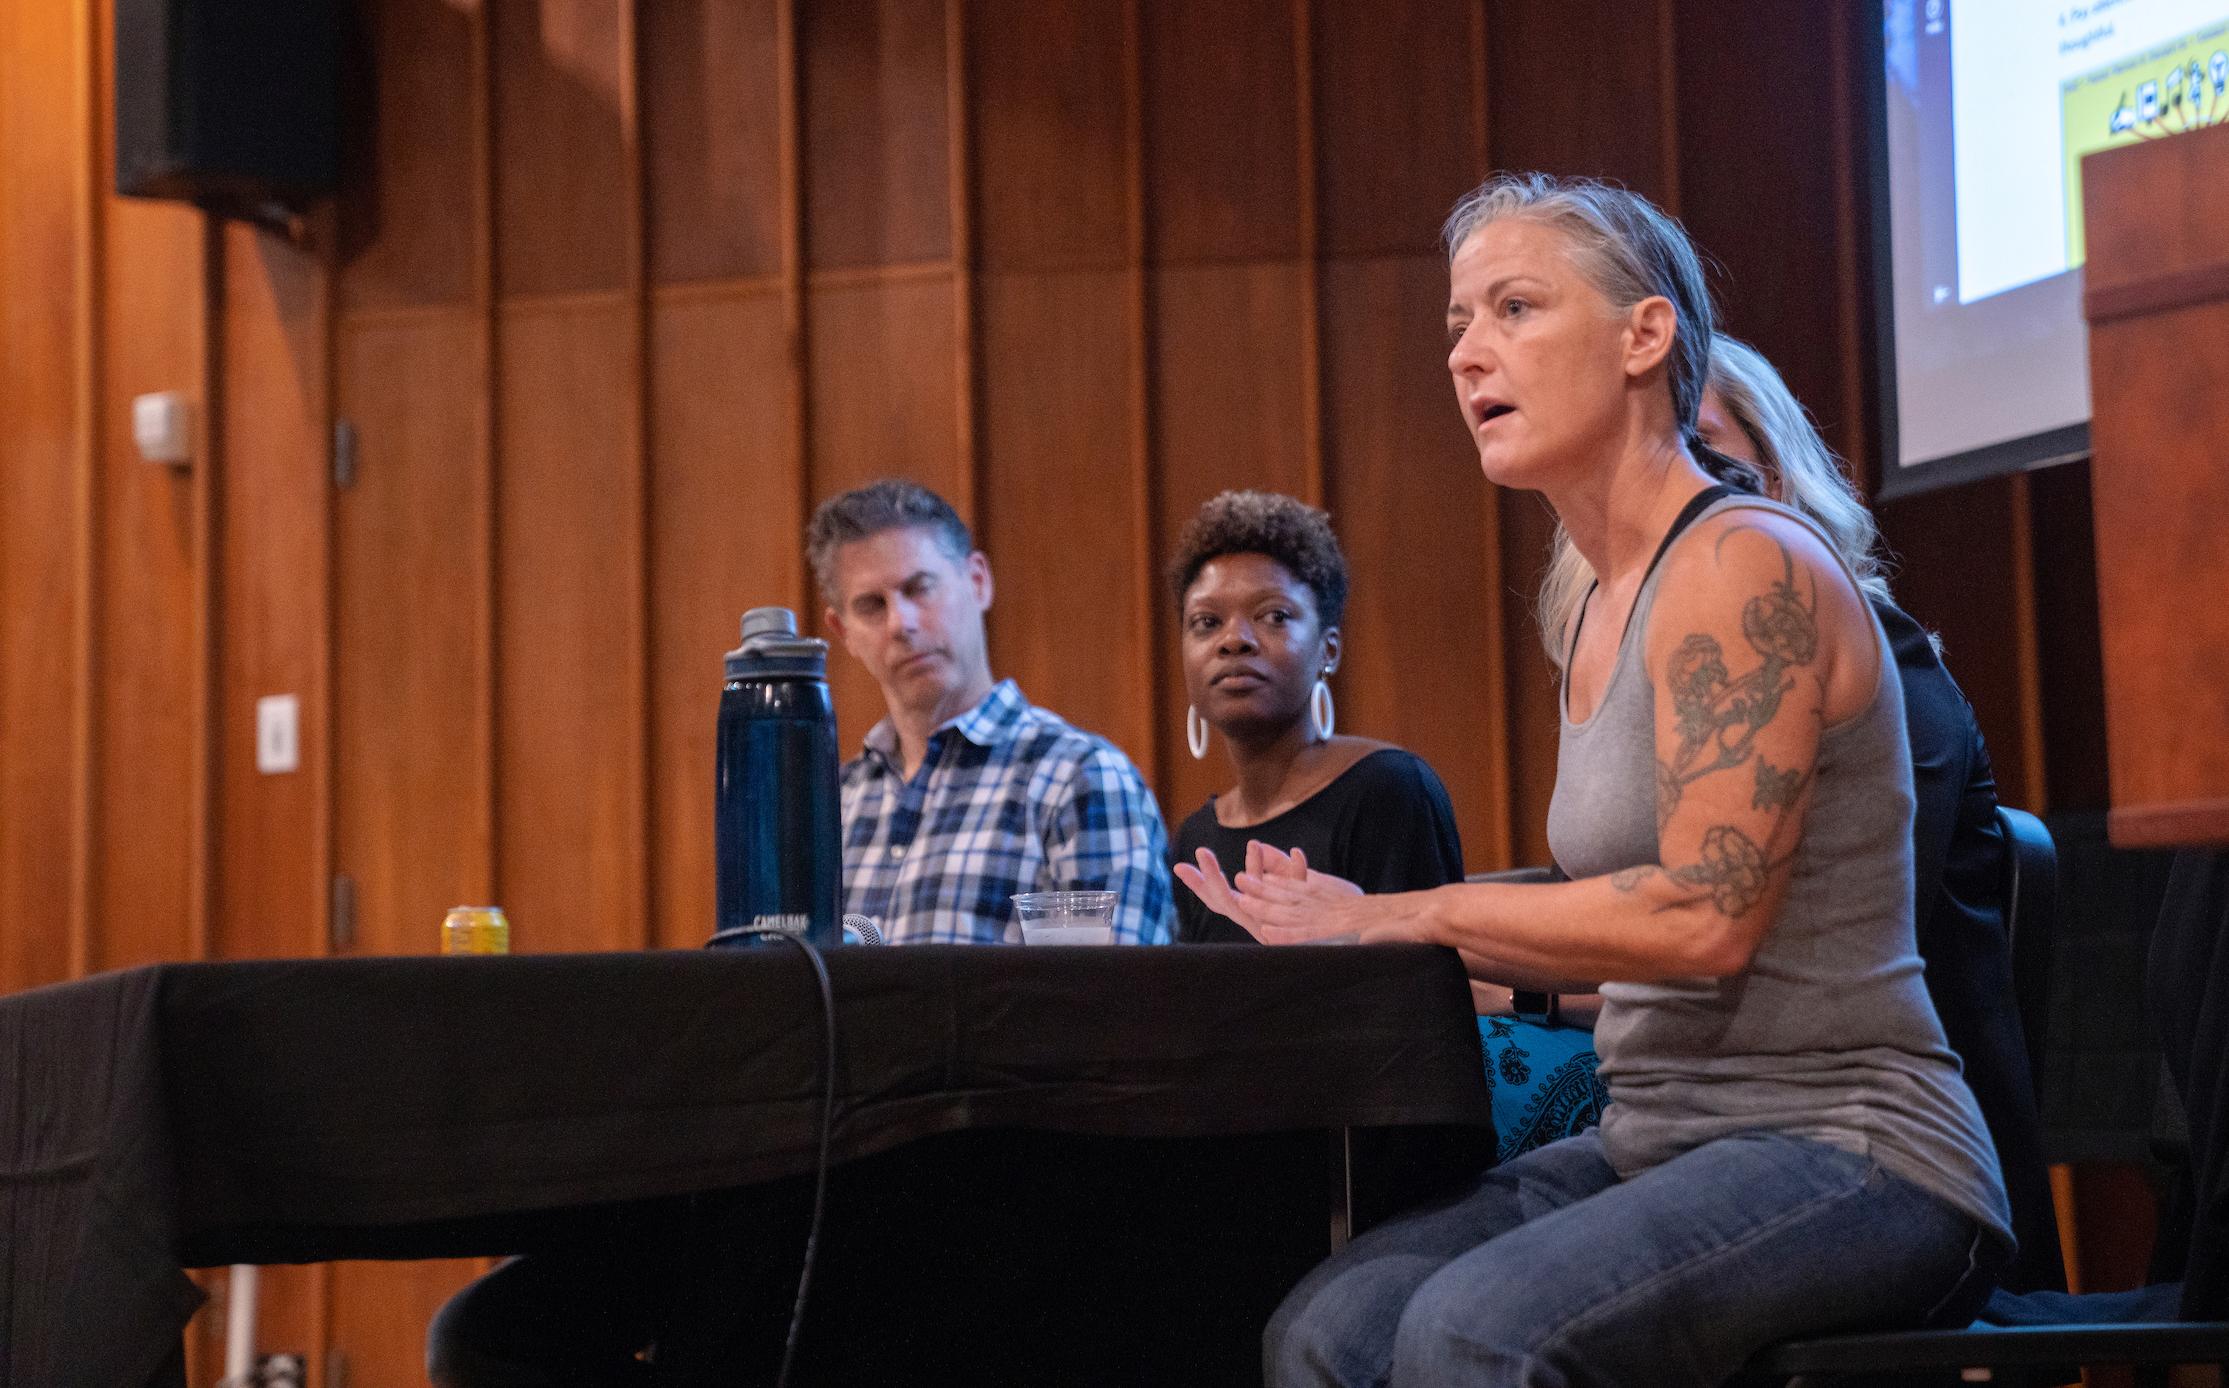 woman speaking at panel